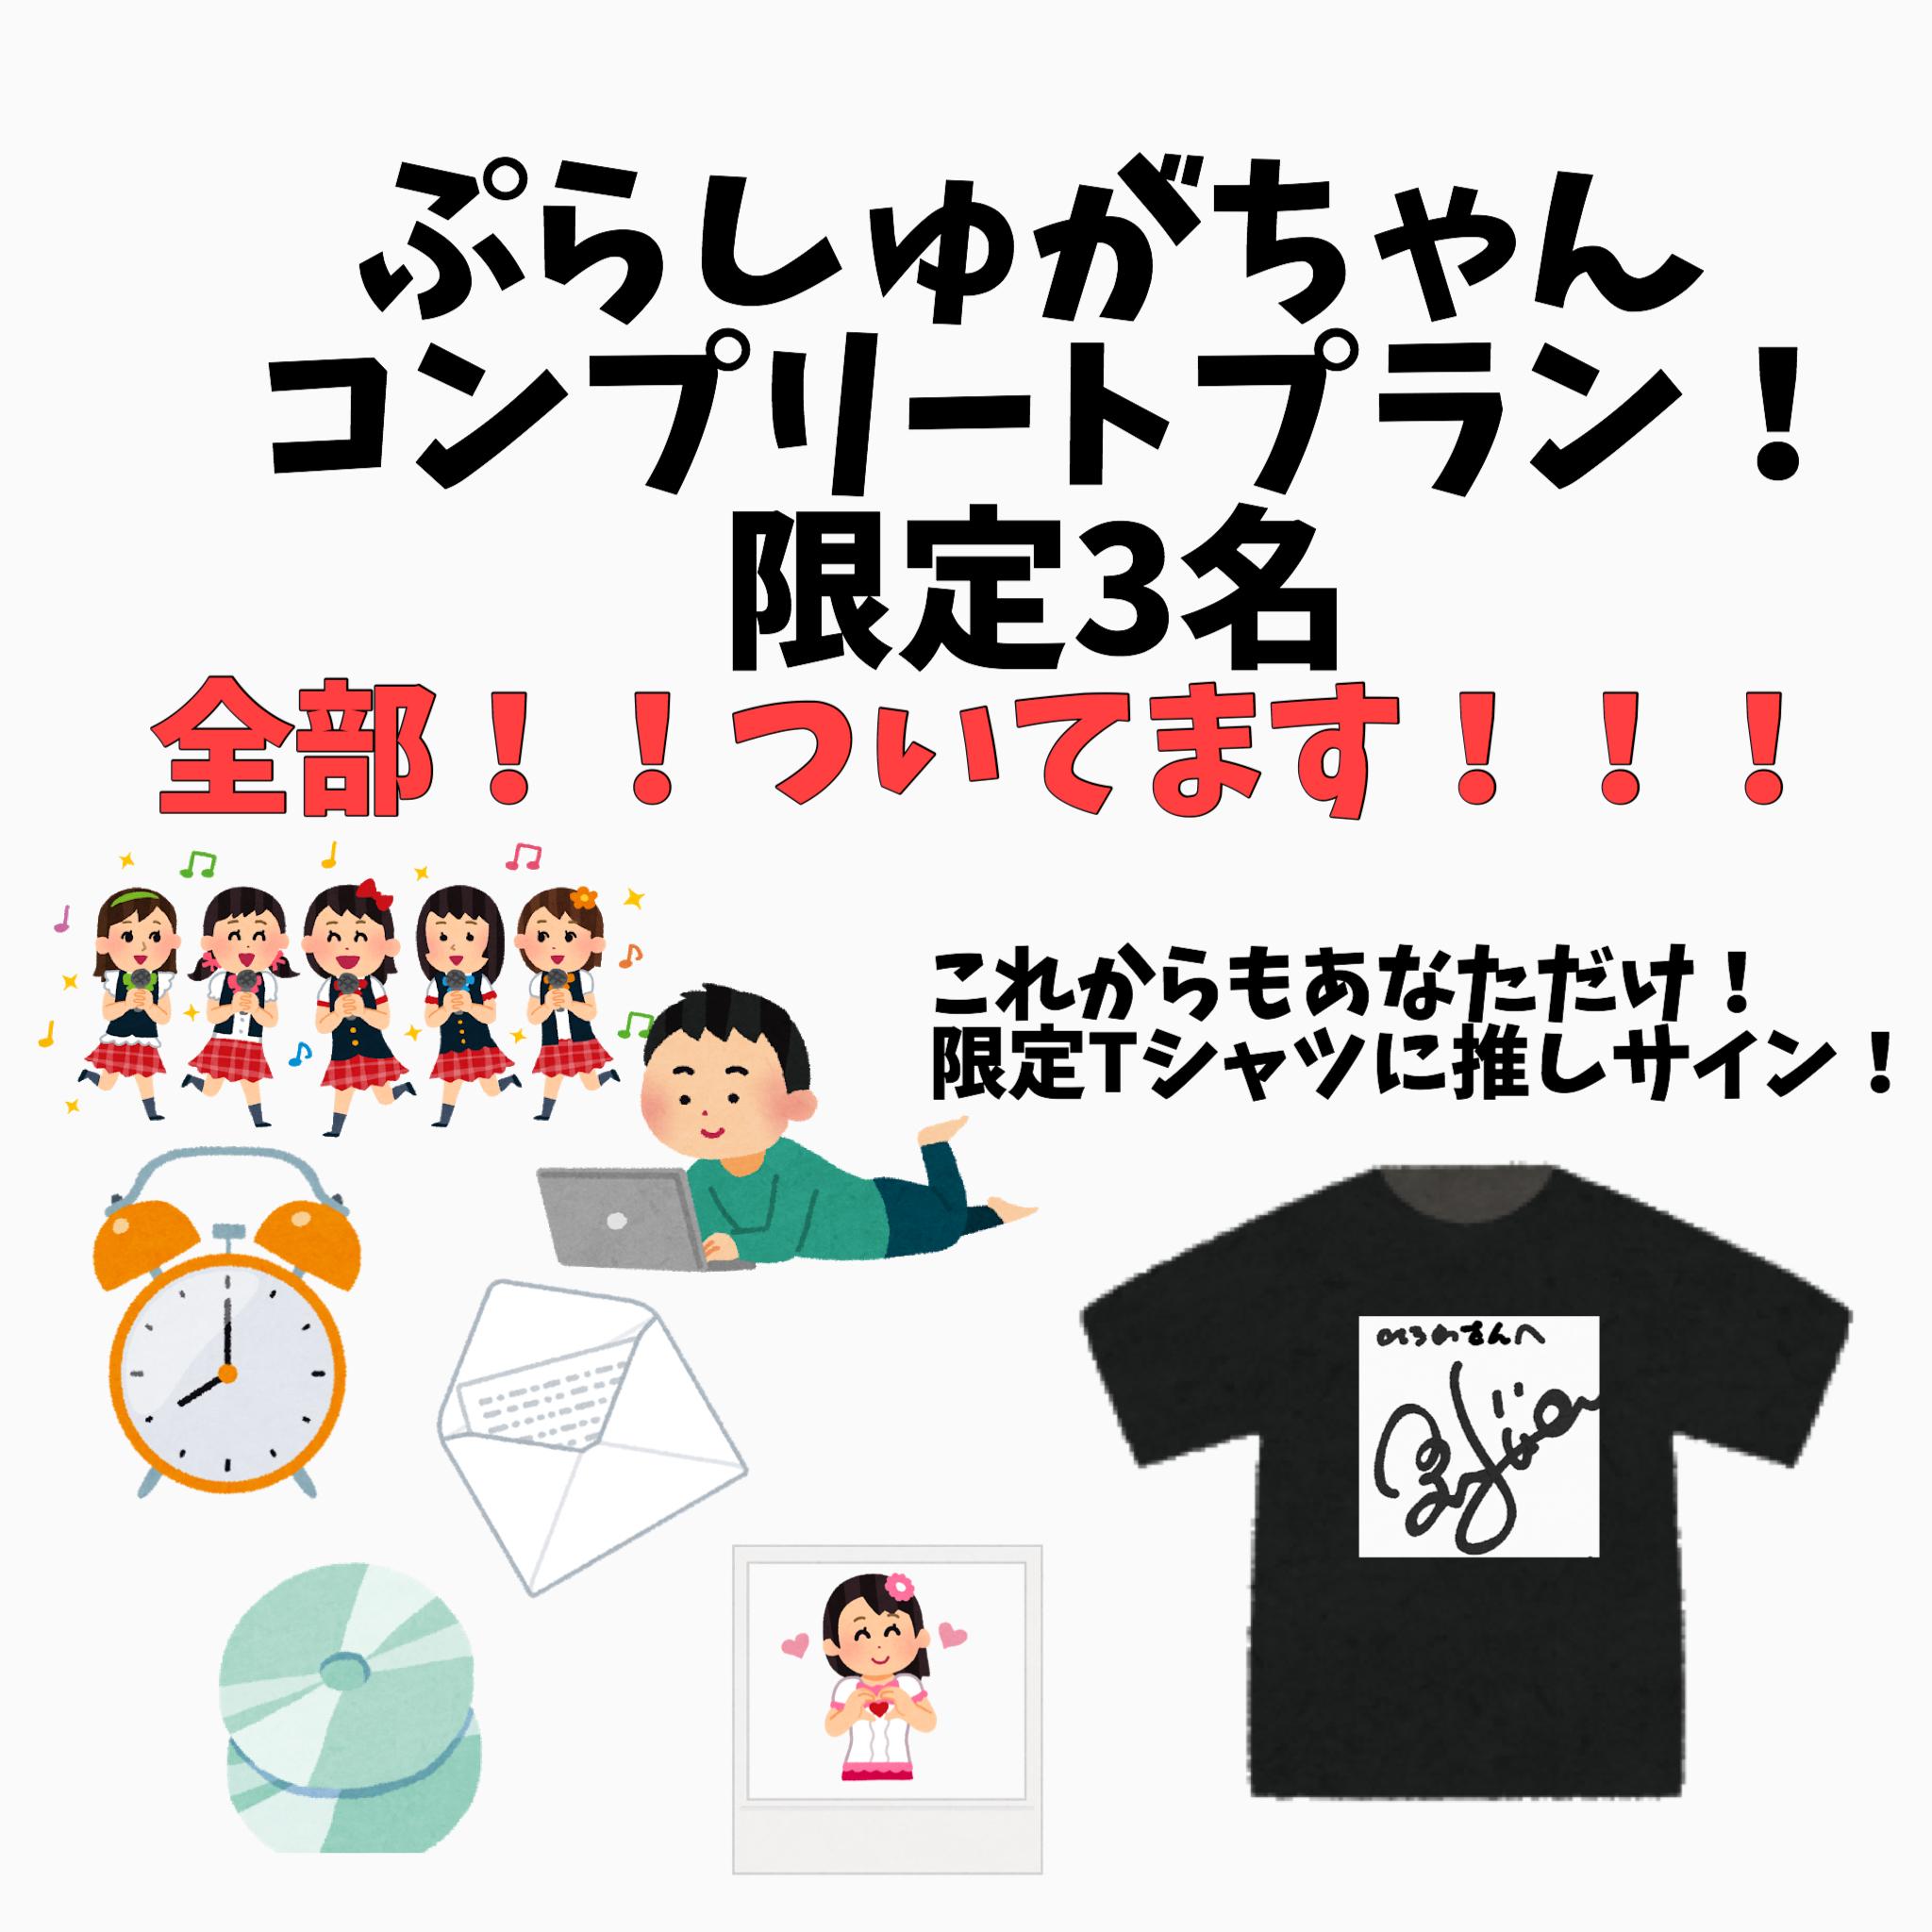 100,000円<+Sugar.コンプリートプラン> 限定3名